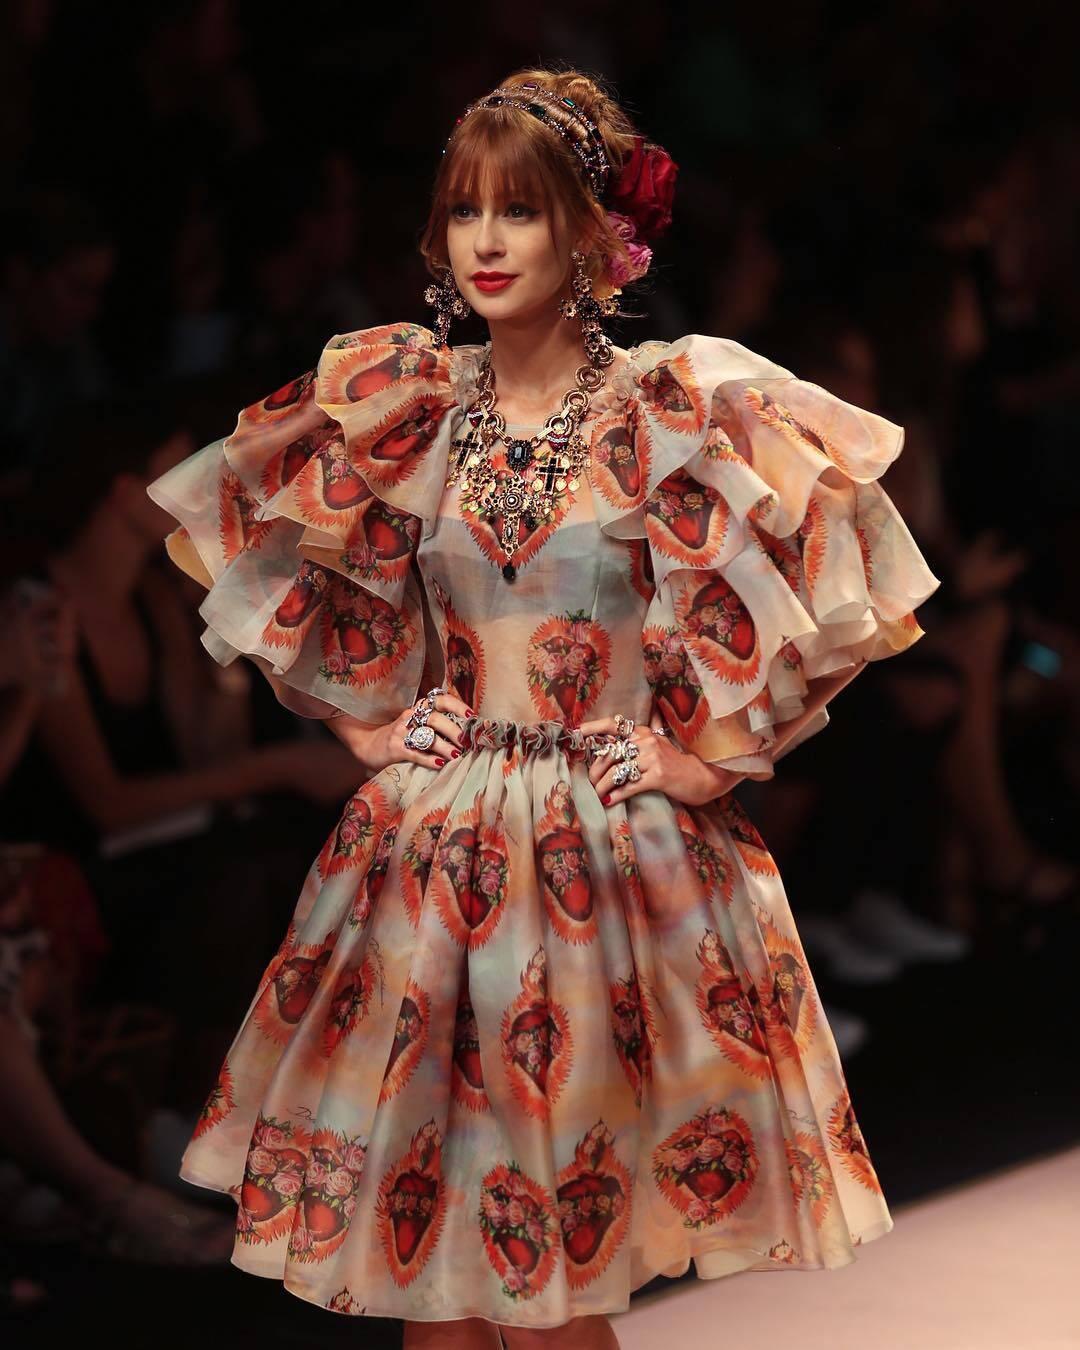 Marina Ruy Barbosa desfilando para a marca Dolce & Gabbana na semana de moda de Milão, na Itália. Foto: Reprodução/Instagram